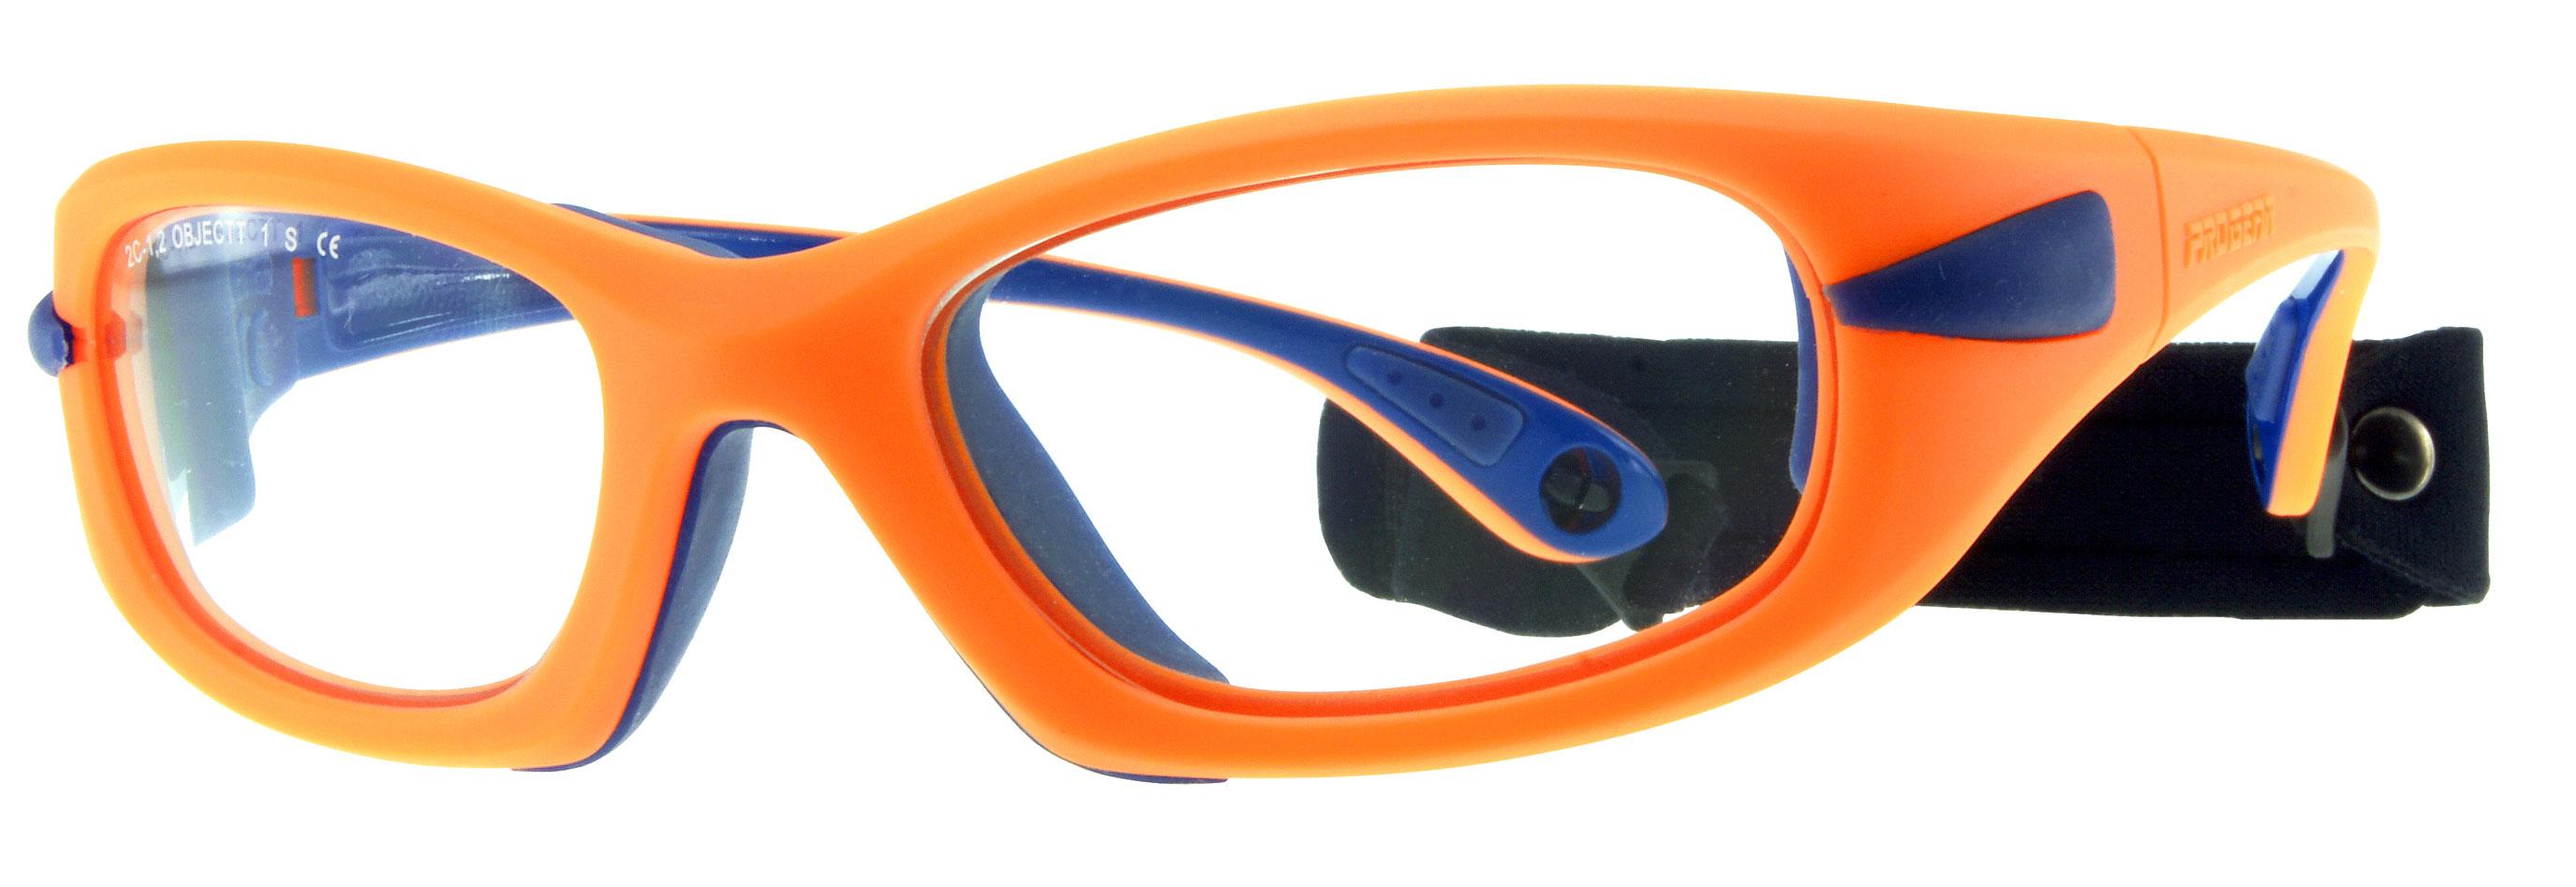 367da748c4 Progear Eyeguard Sports Frame